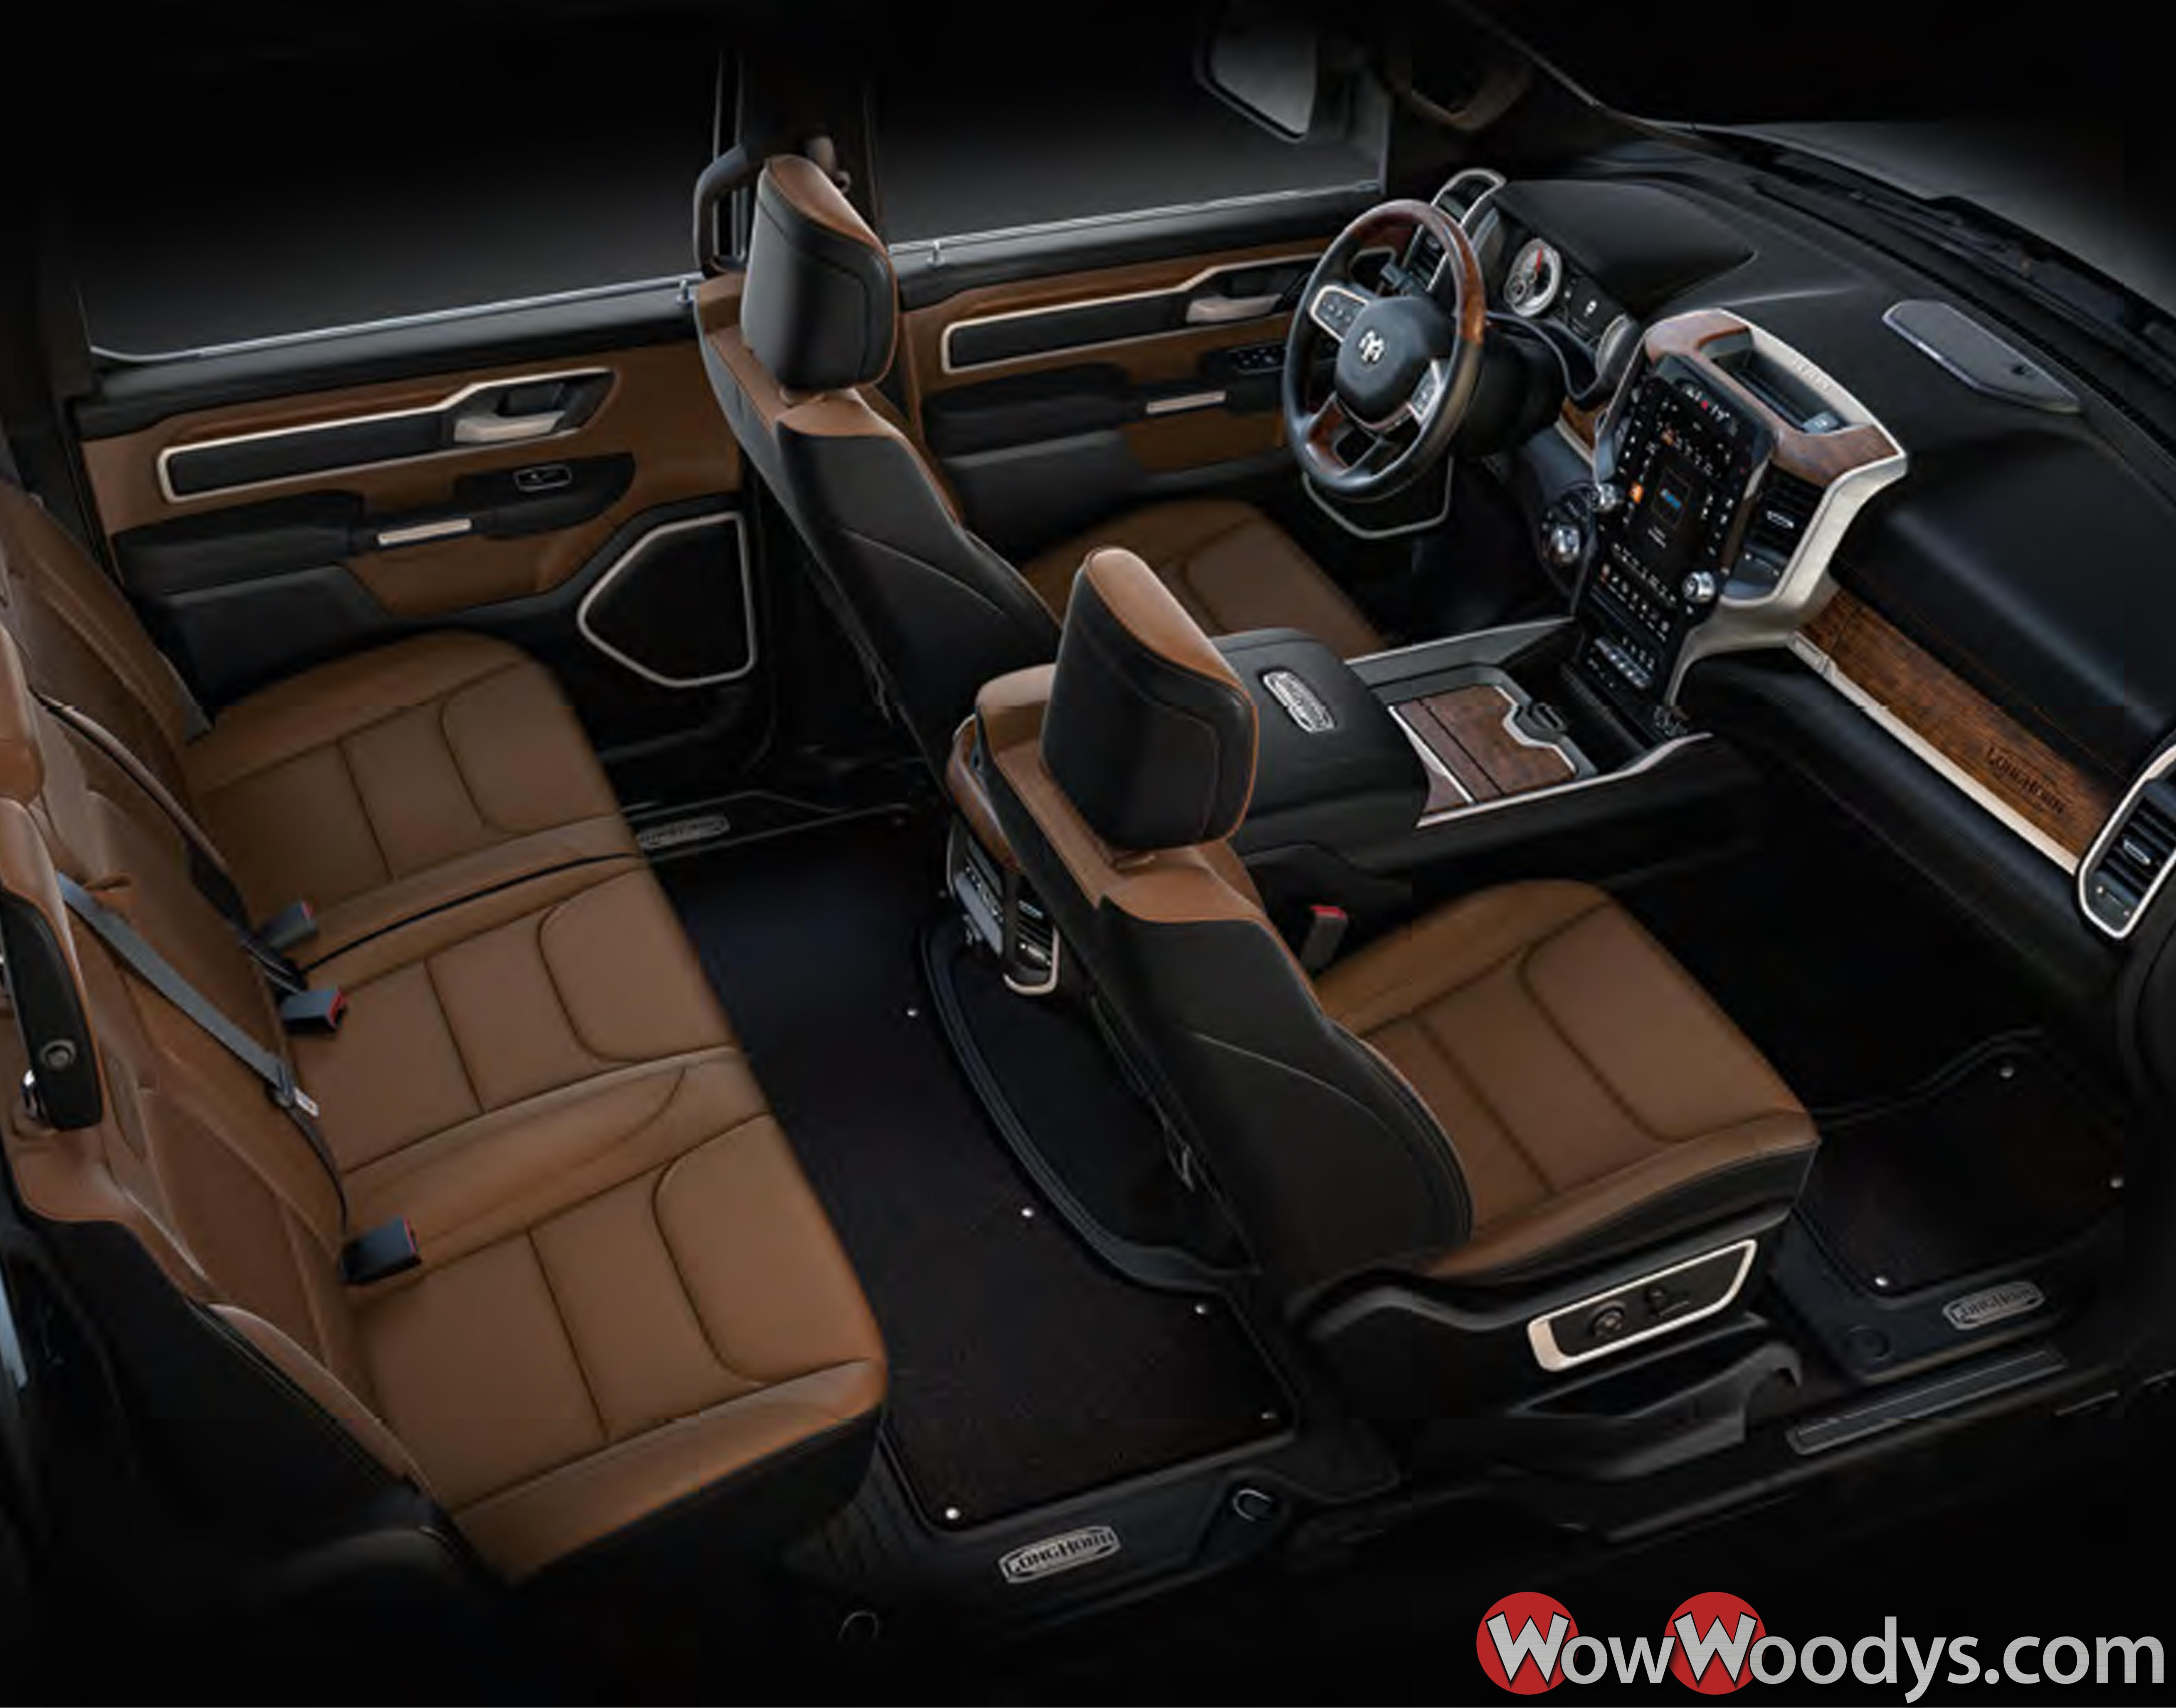 2019 Ram 1500 Luxury